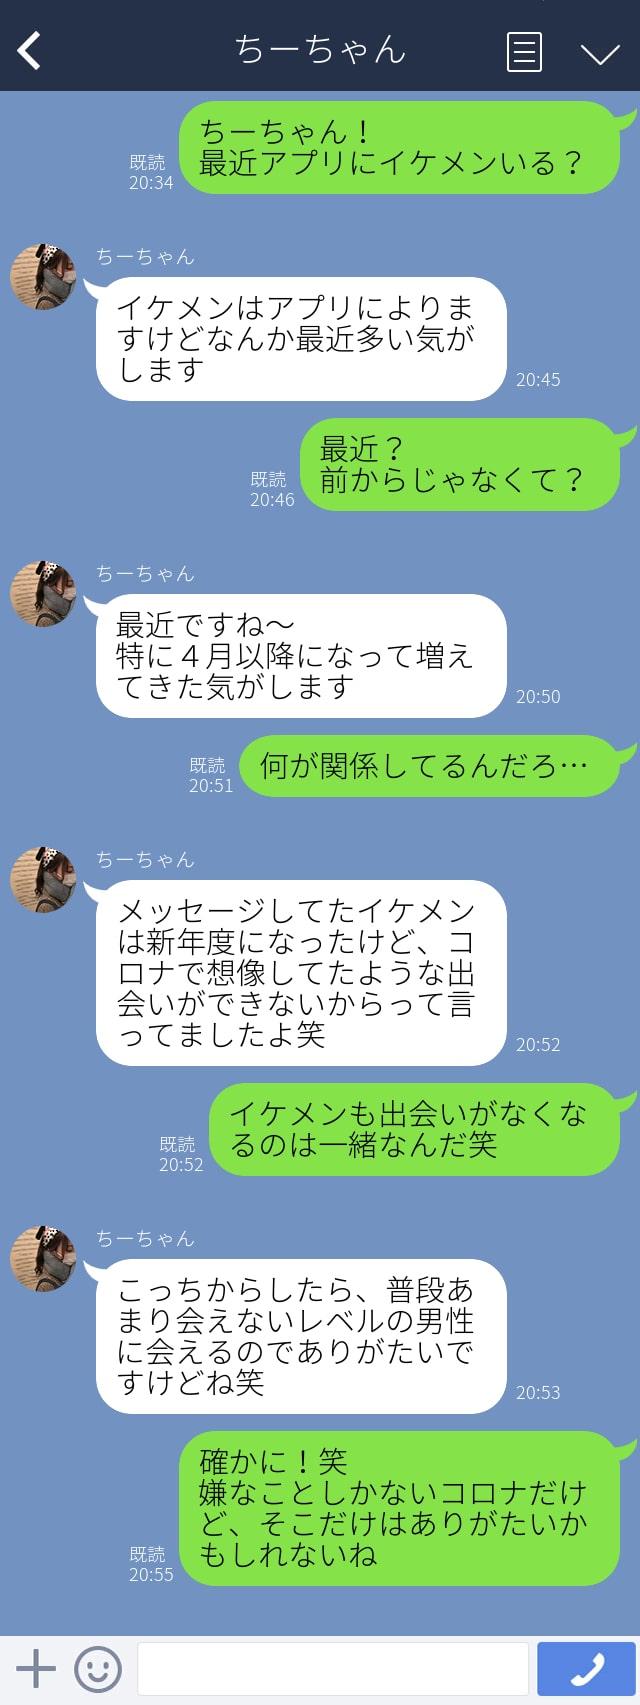 マッチングアプリ イケメン 女子大生